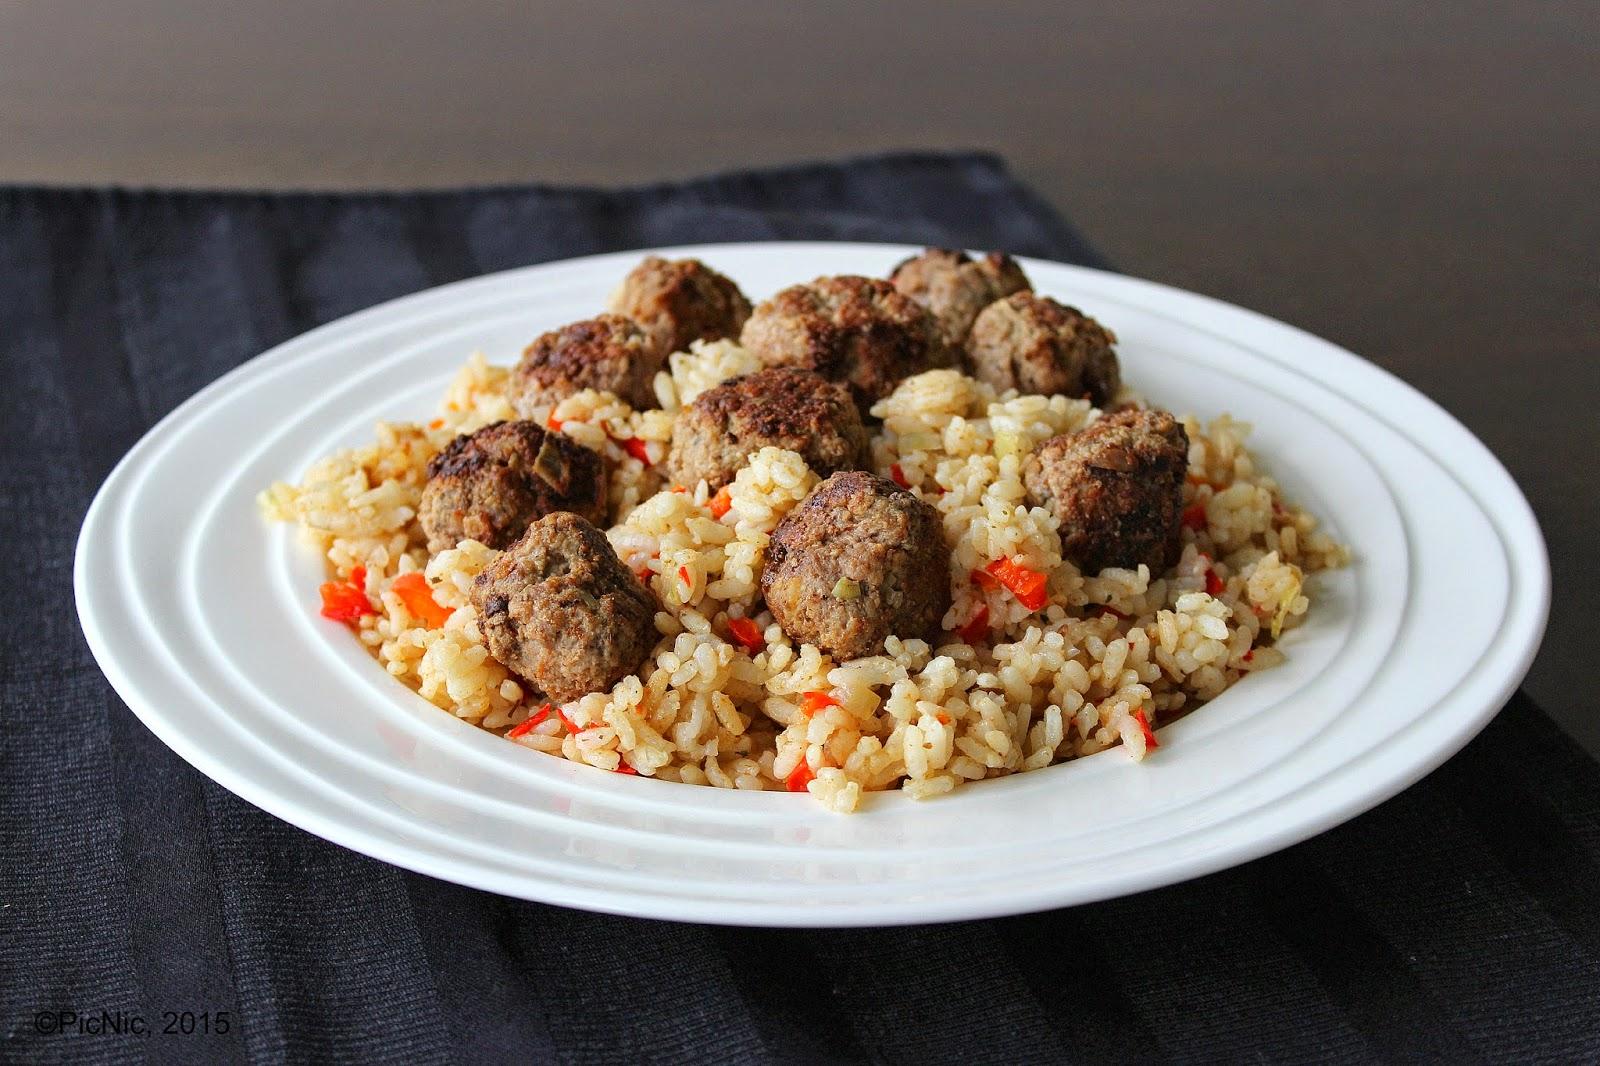 PicNic: Moroccan Lamb and Rice